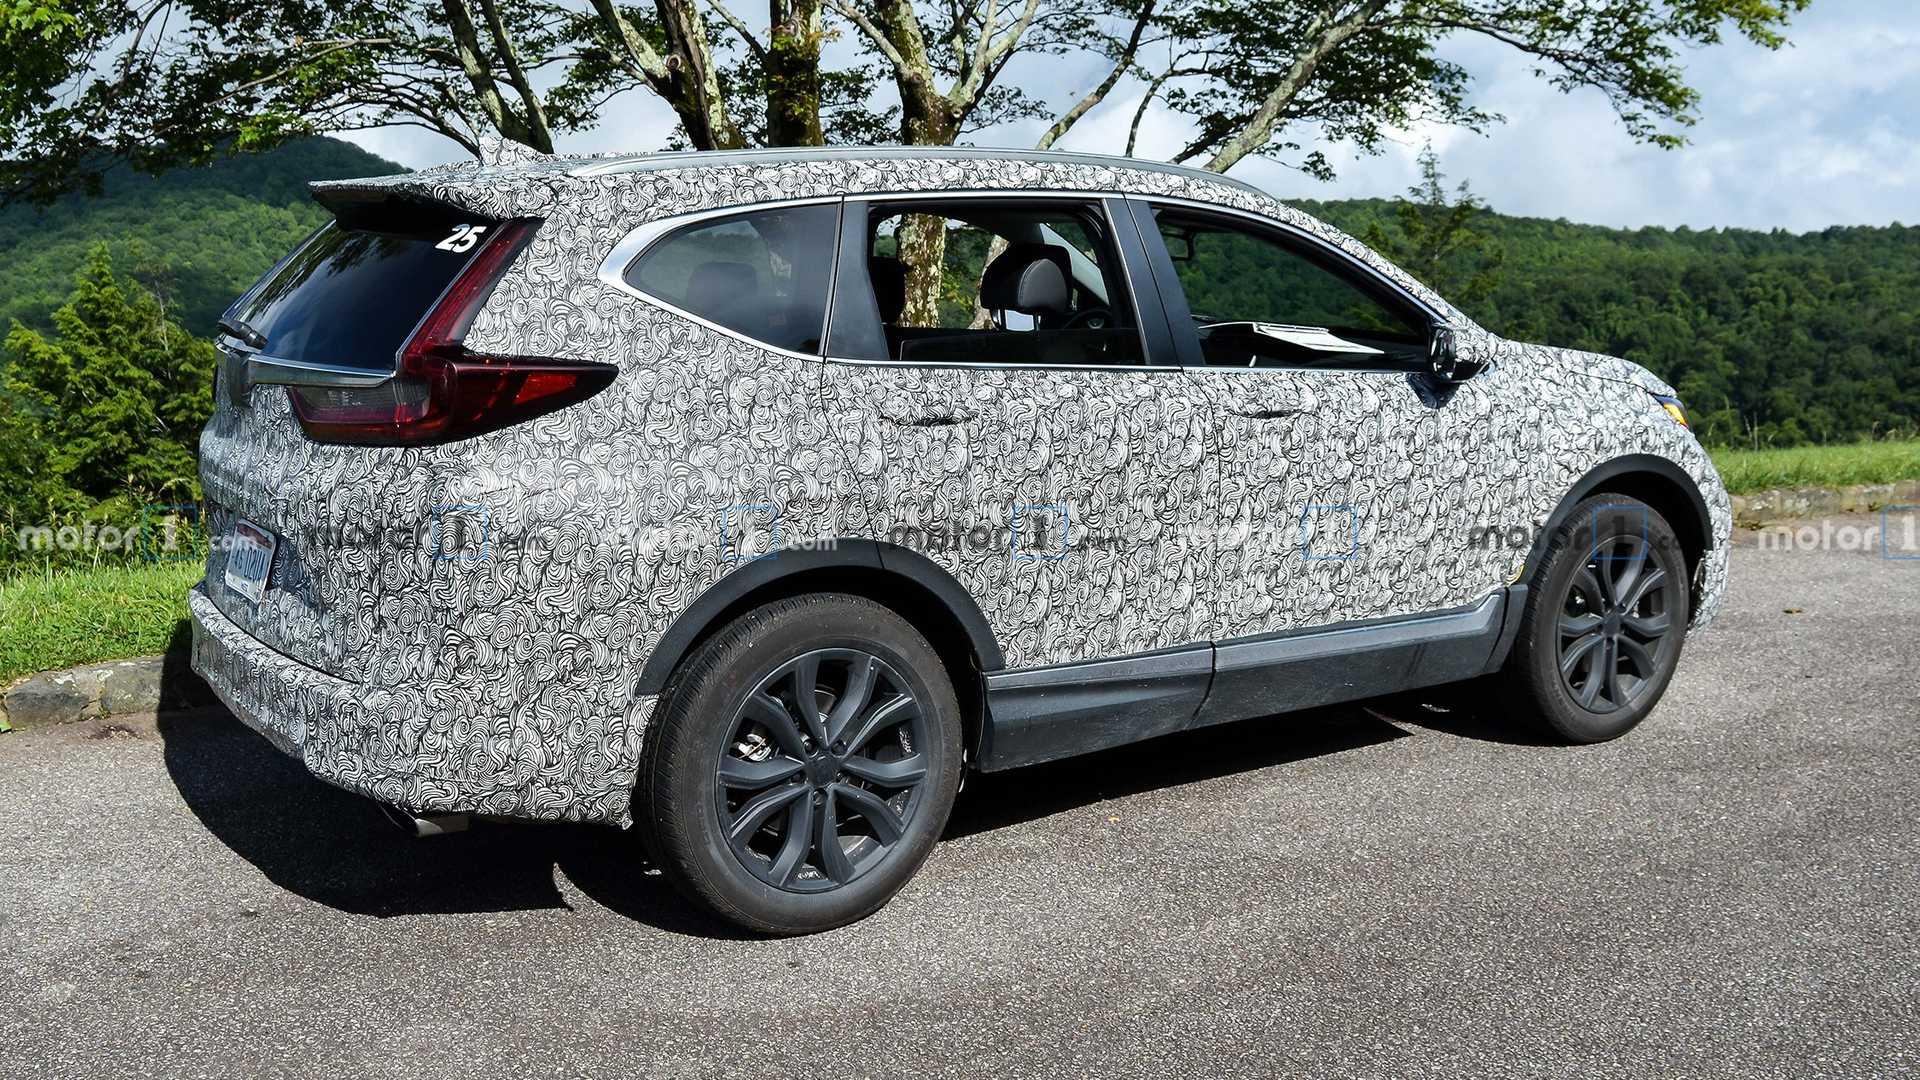 Honda CR-V 2020 phiên bản nâng cấp facelift bị bắt gặp chạy thử tại Mỹ - 6